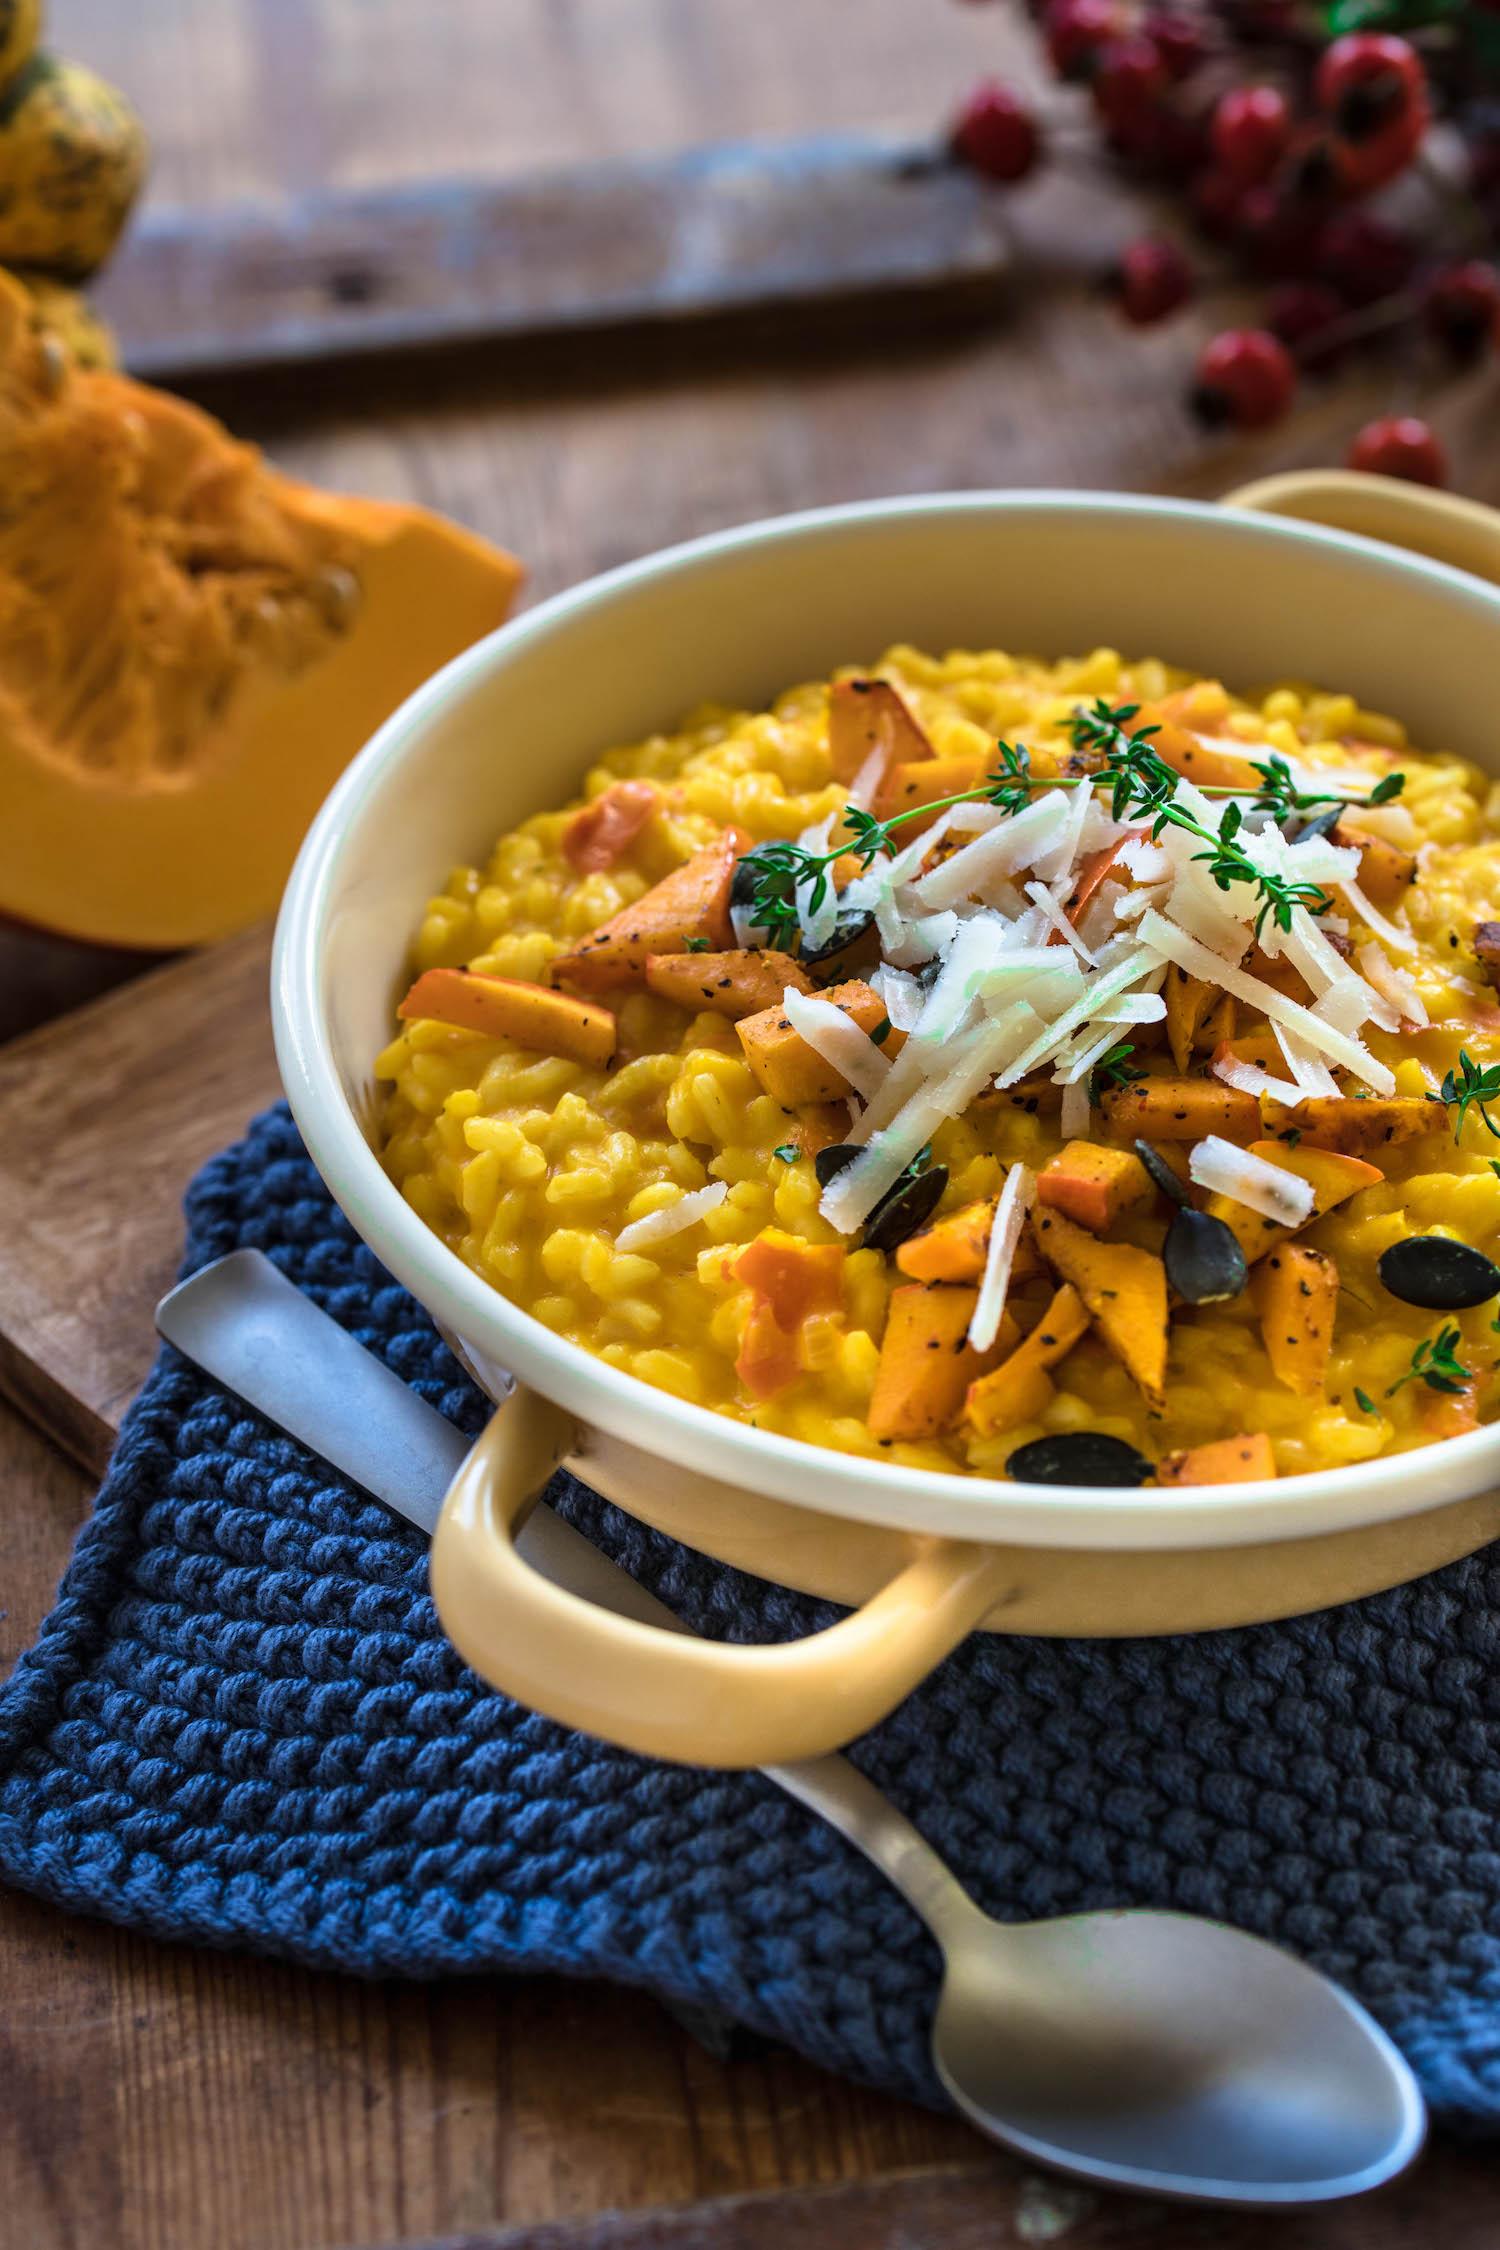 Kürbisrisotto serviert mit Kürbiswürfeln, Parmesan und Thymian.